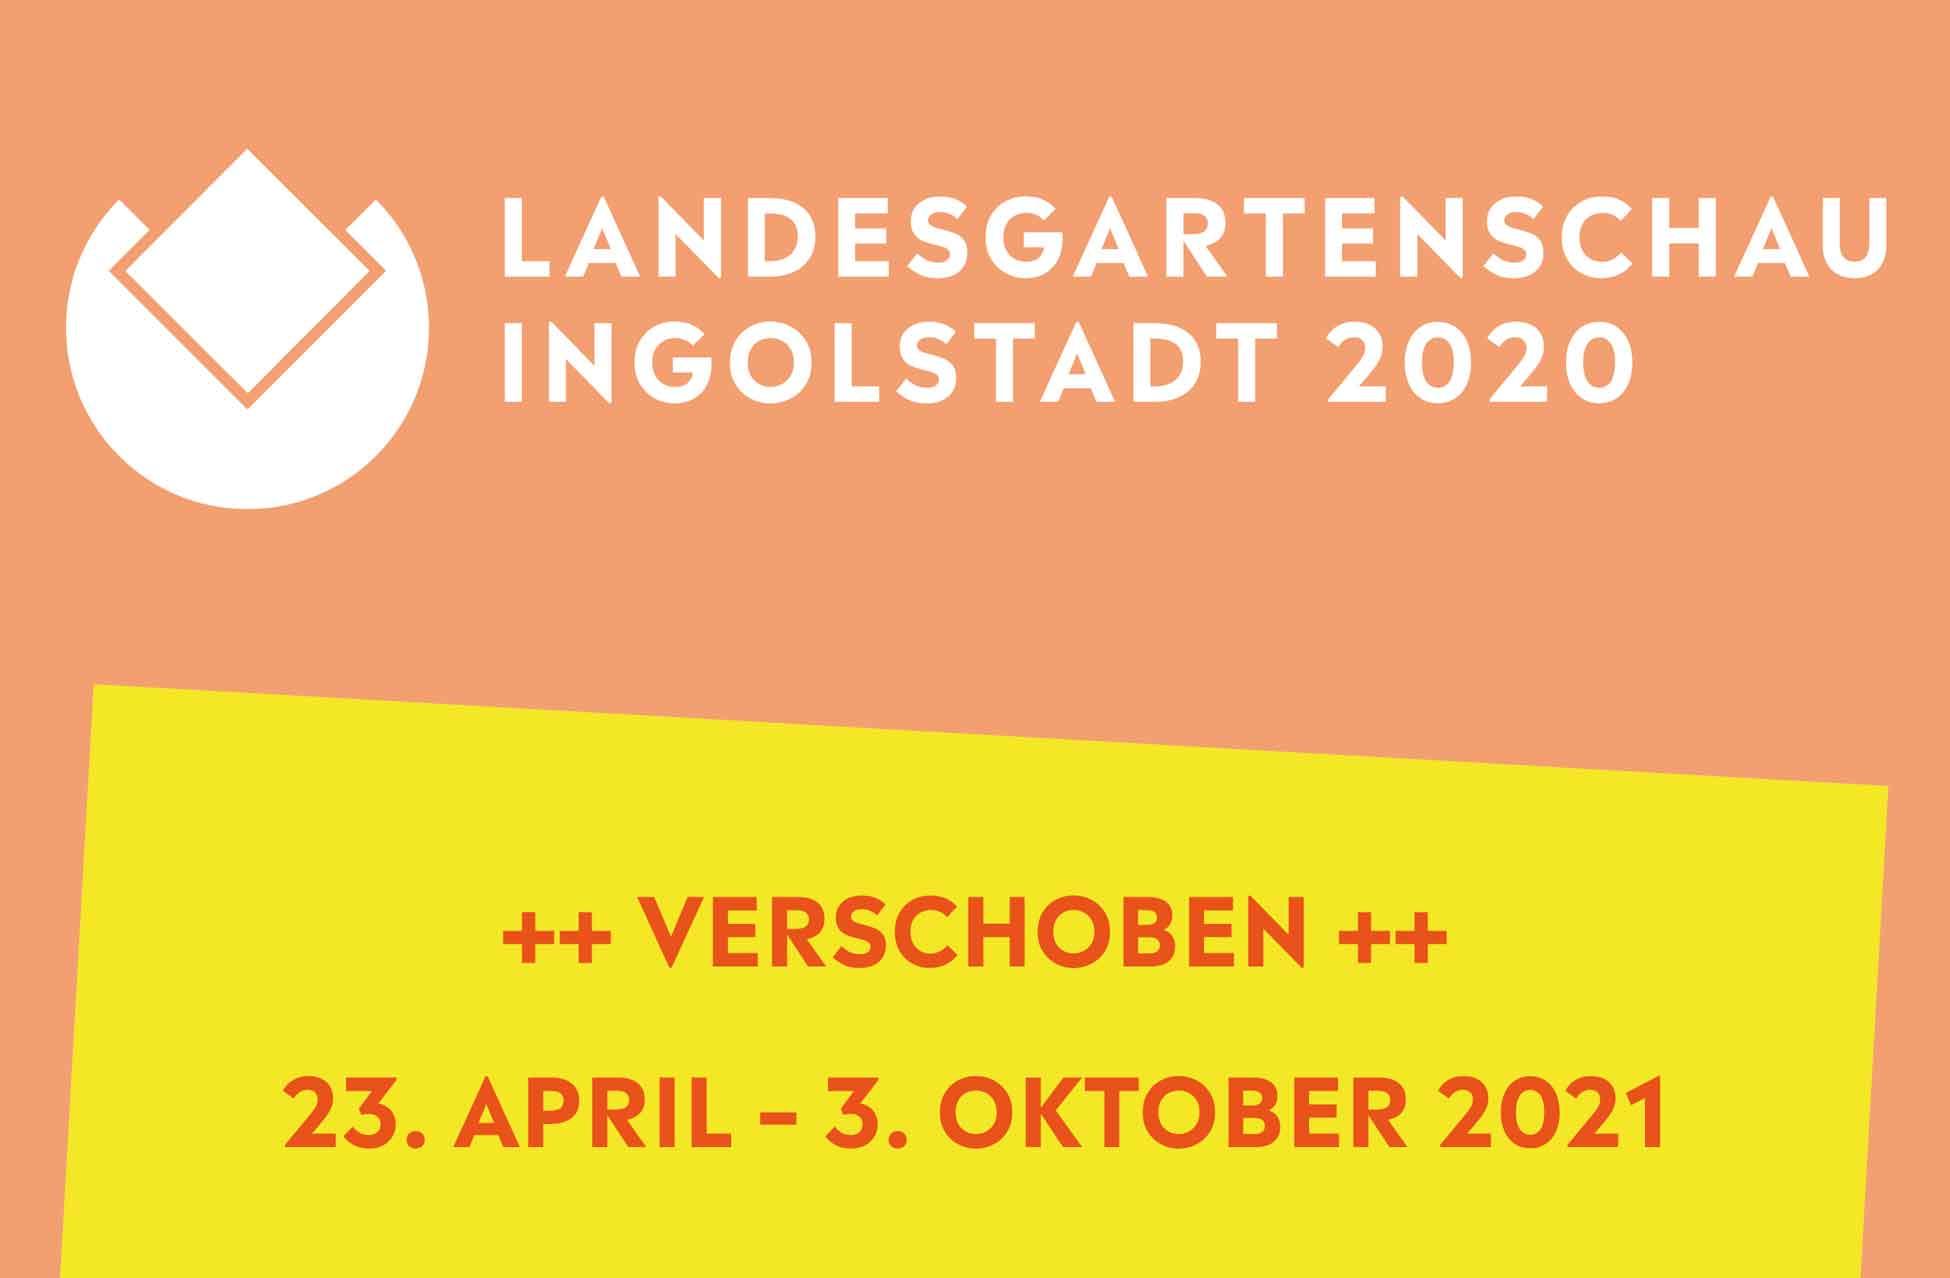 Die Landesgartenschau Ingolstadt 2020 (Logo) wurde auf 2021 verschoben.